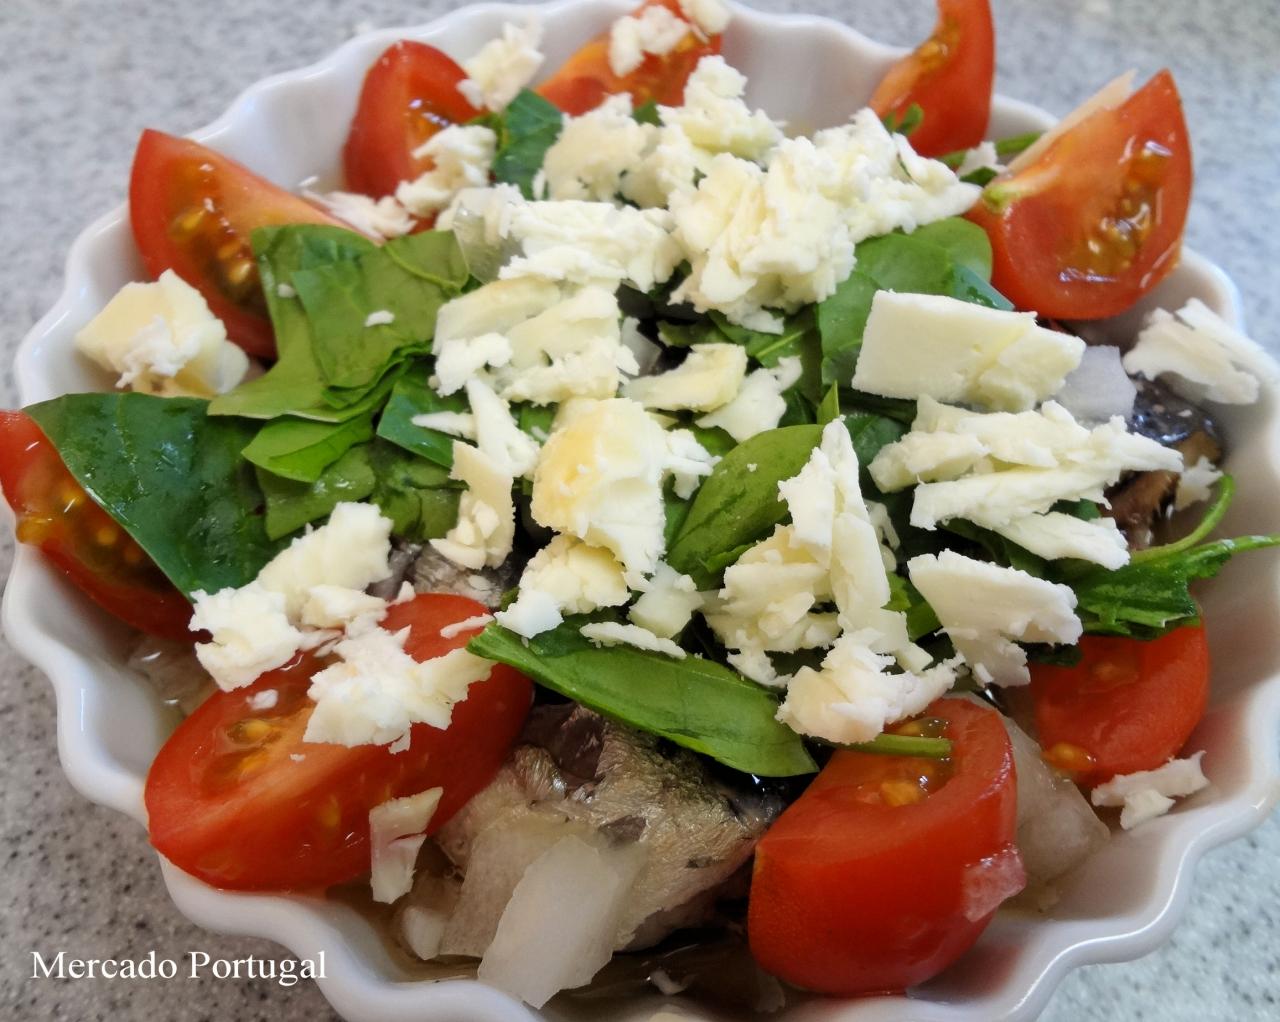 私はこんな感じにトマトとほうれん草、チーズをトッピングすることが多いです